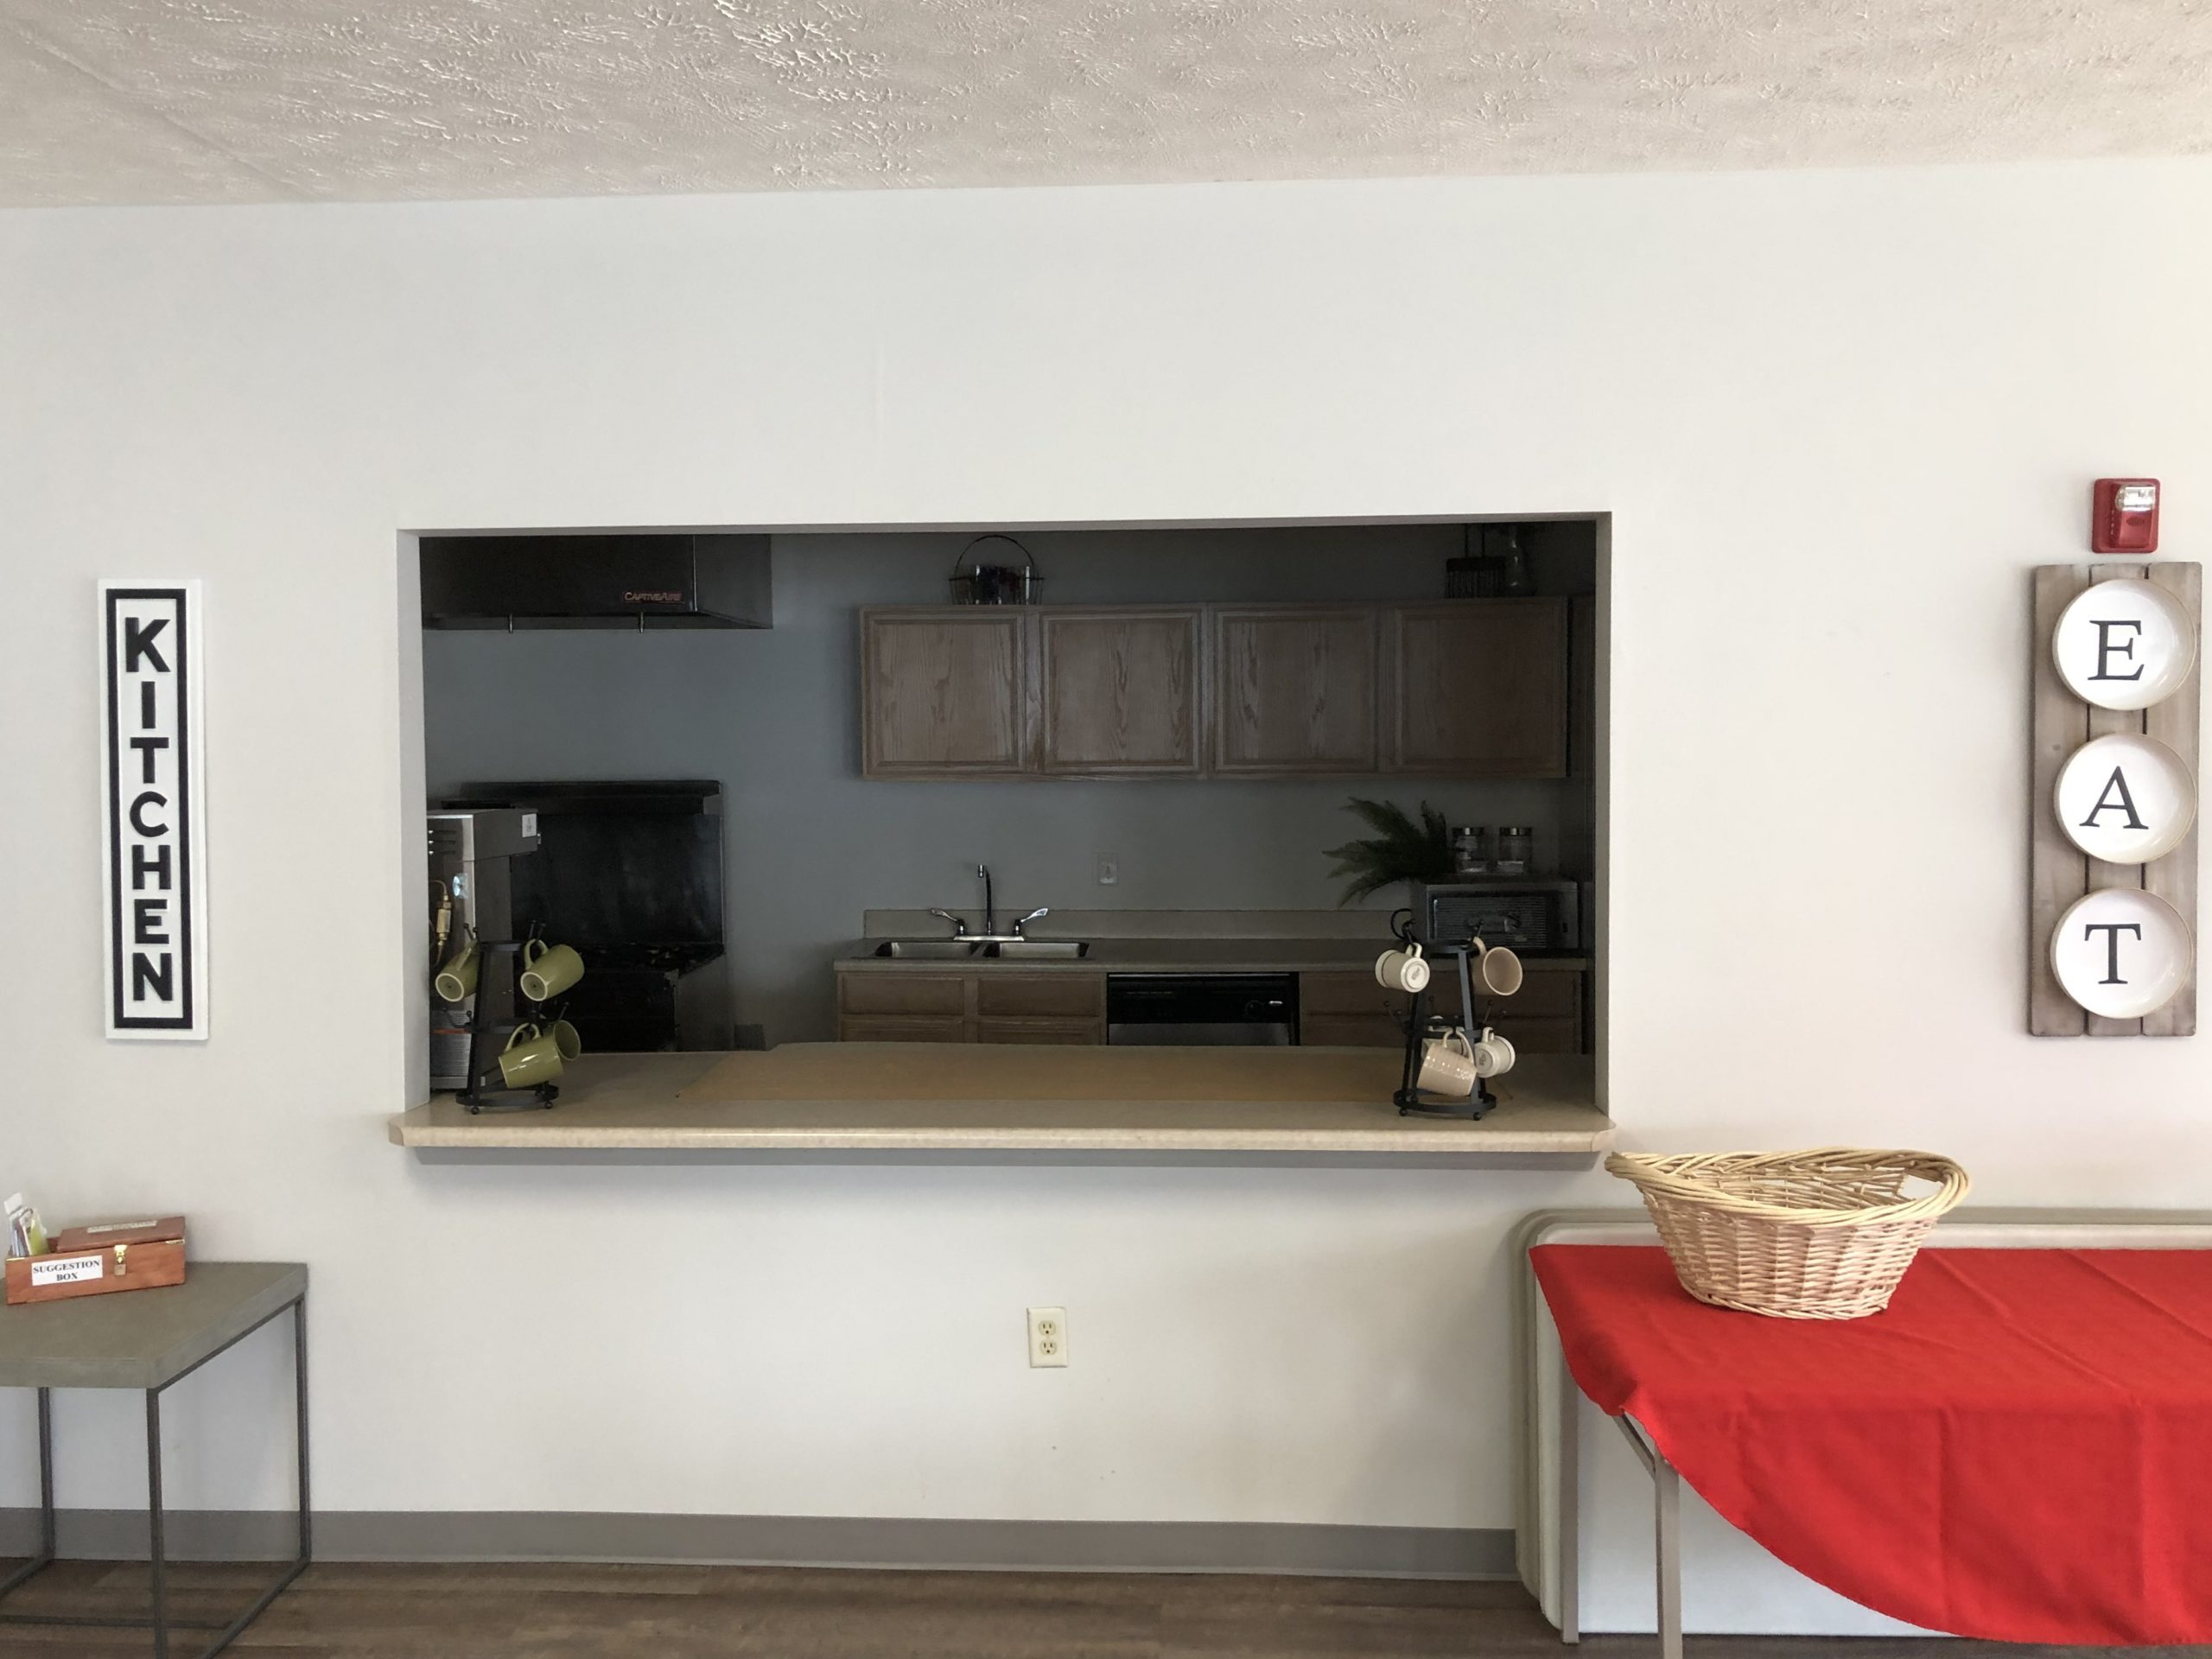 Tregaron Senior Residence Bellevue Nebraska community kitchen